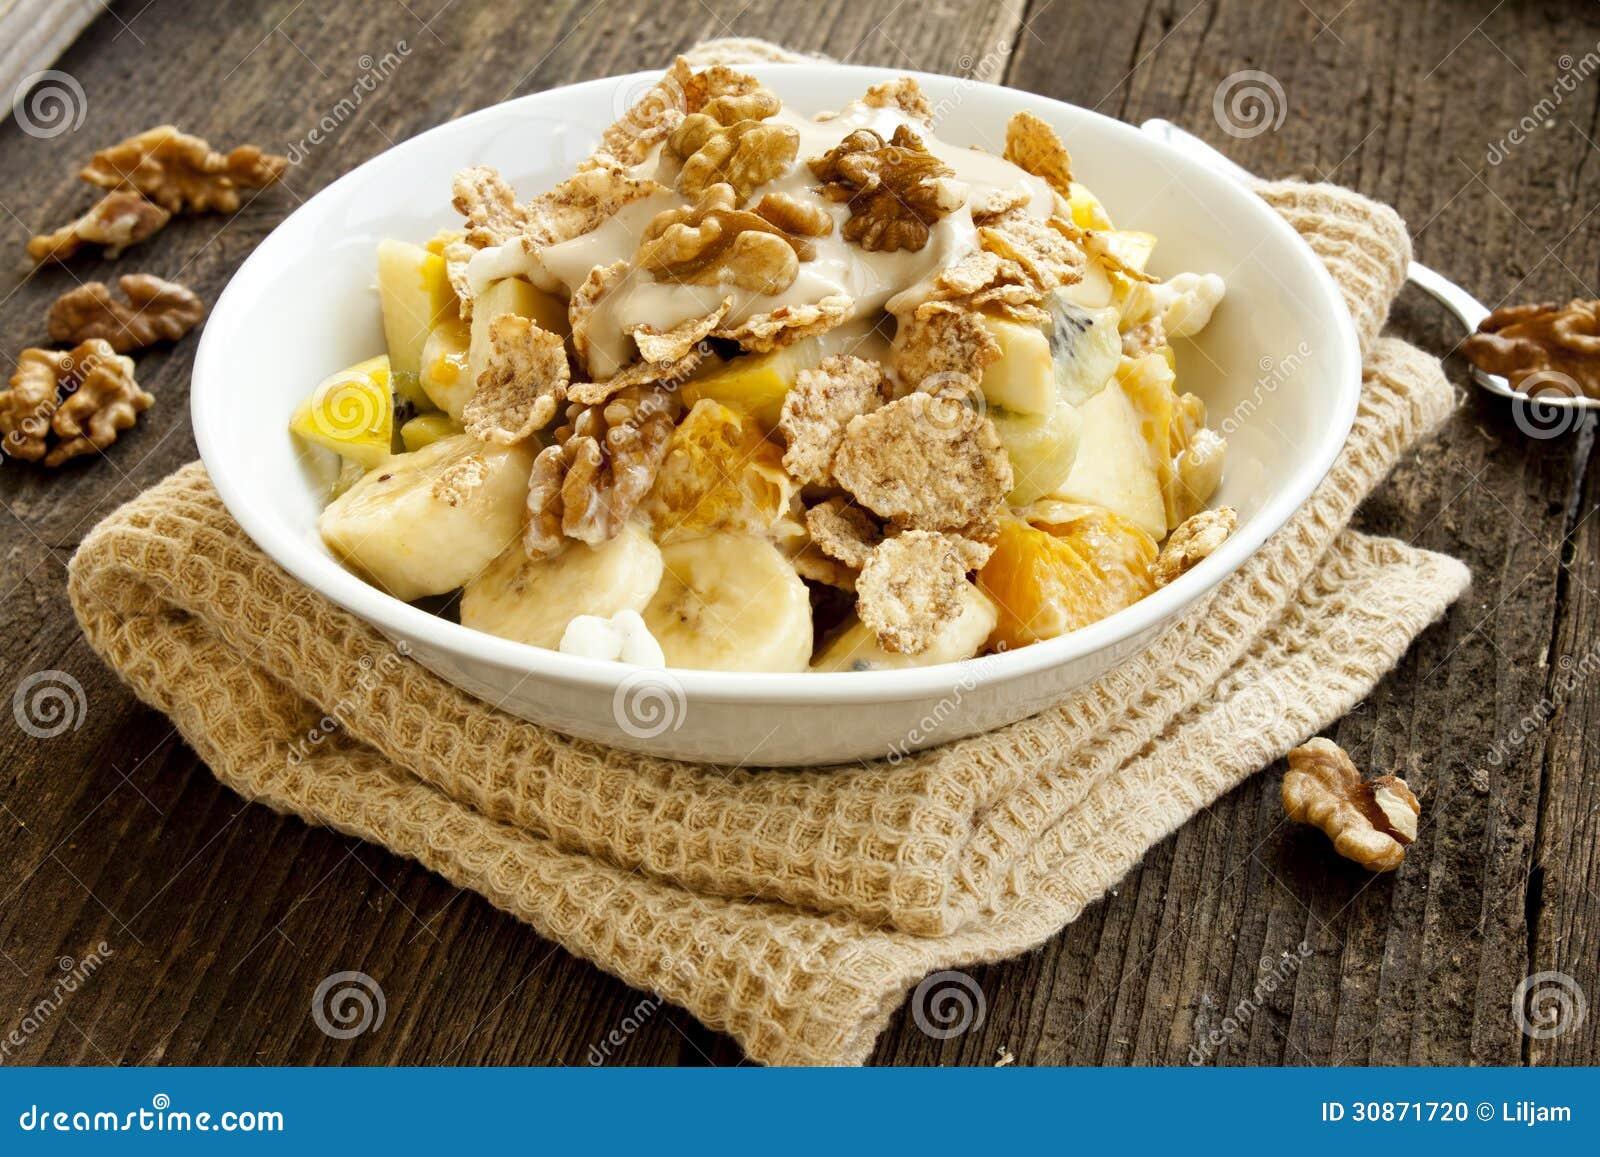 Desayuno De Muesli Con Las Frutas El Yogur Y Las Nueces